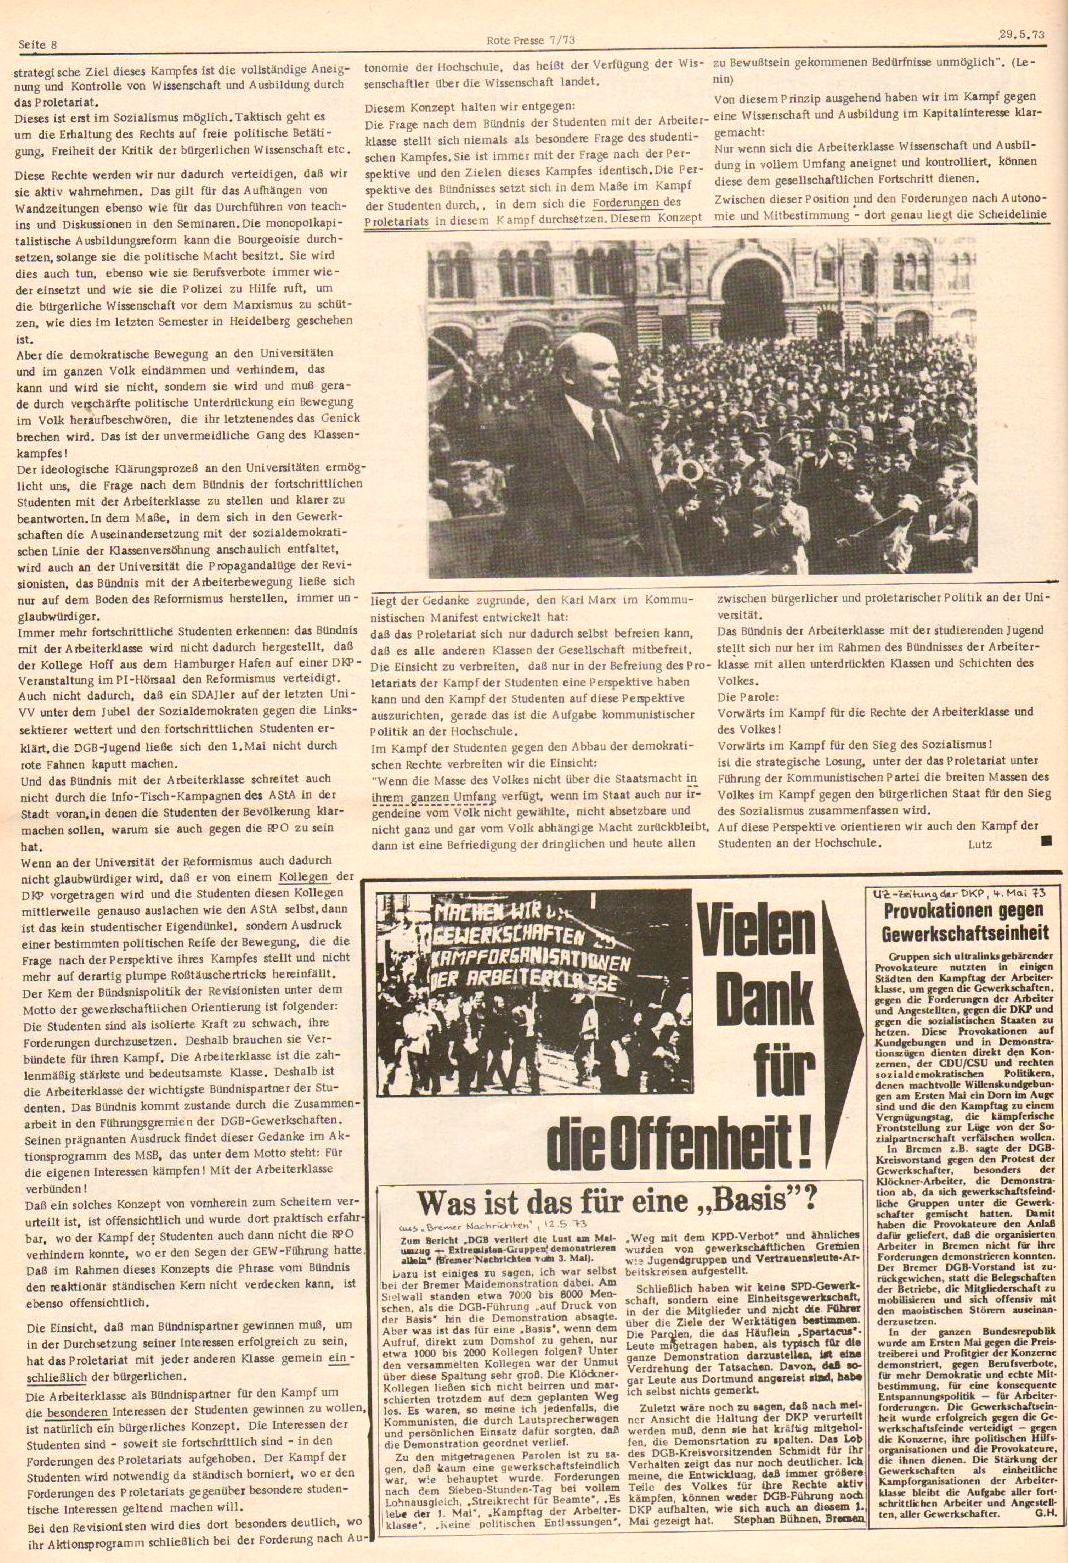 Hamburg_Rote_Presse203